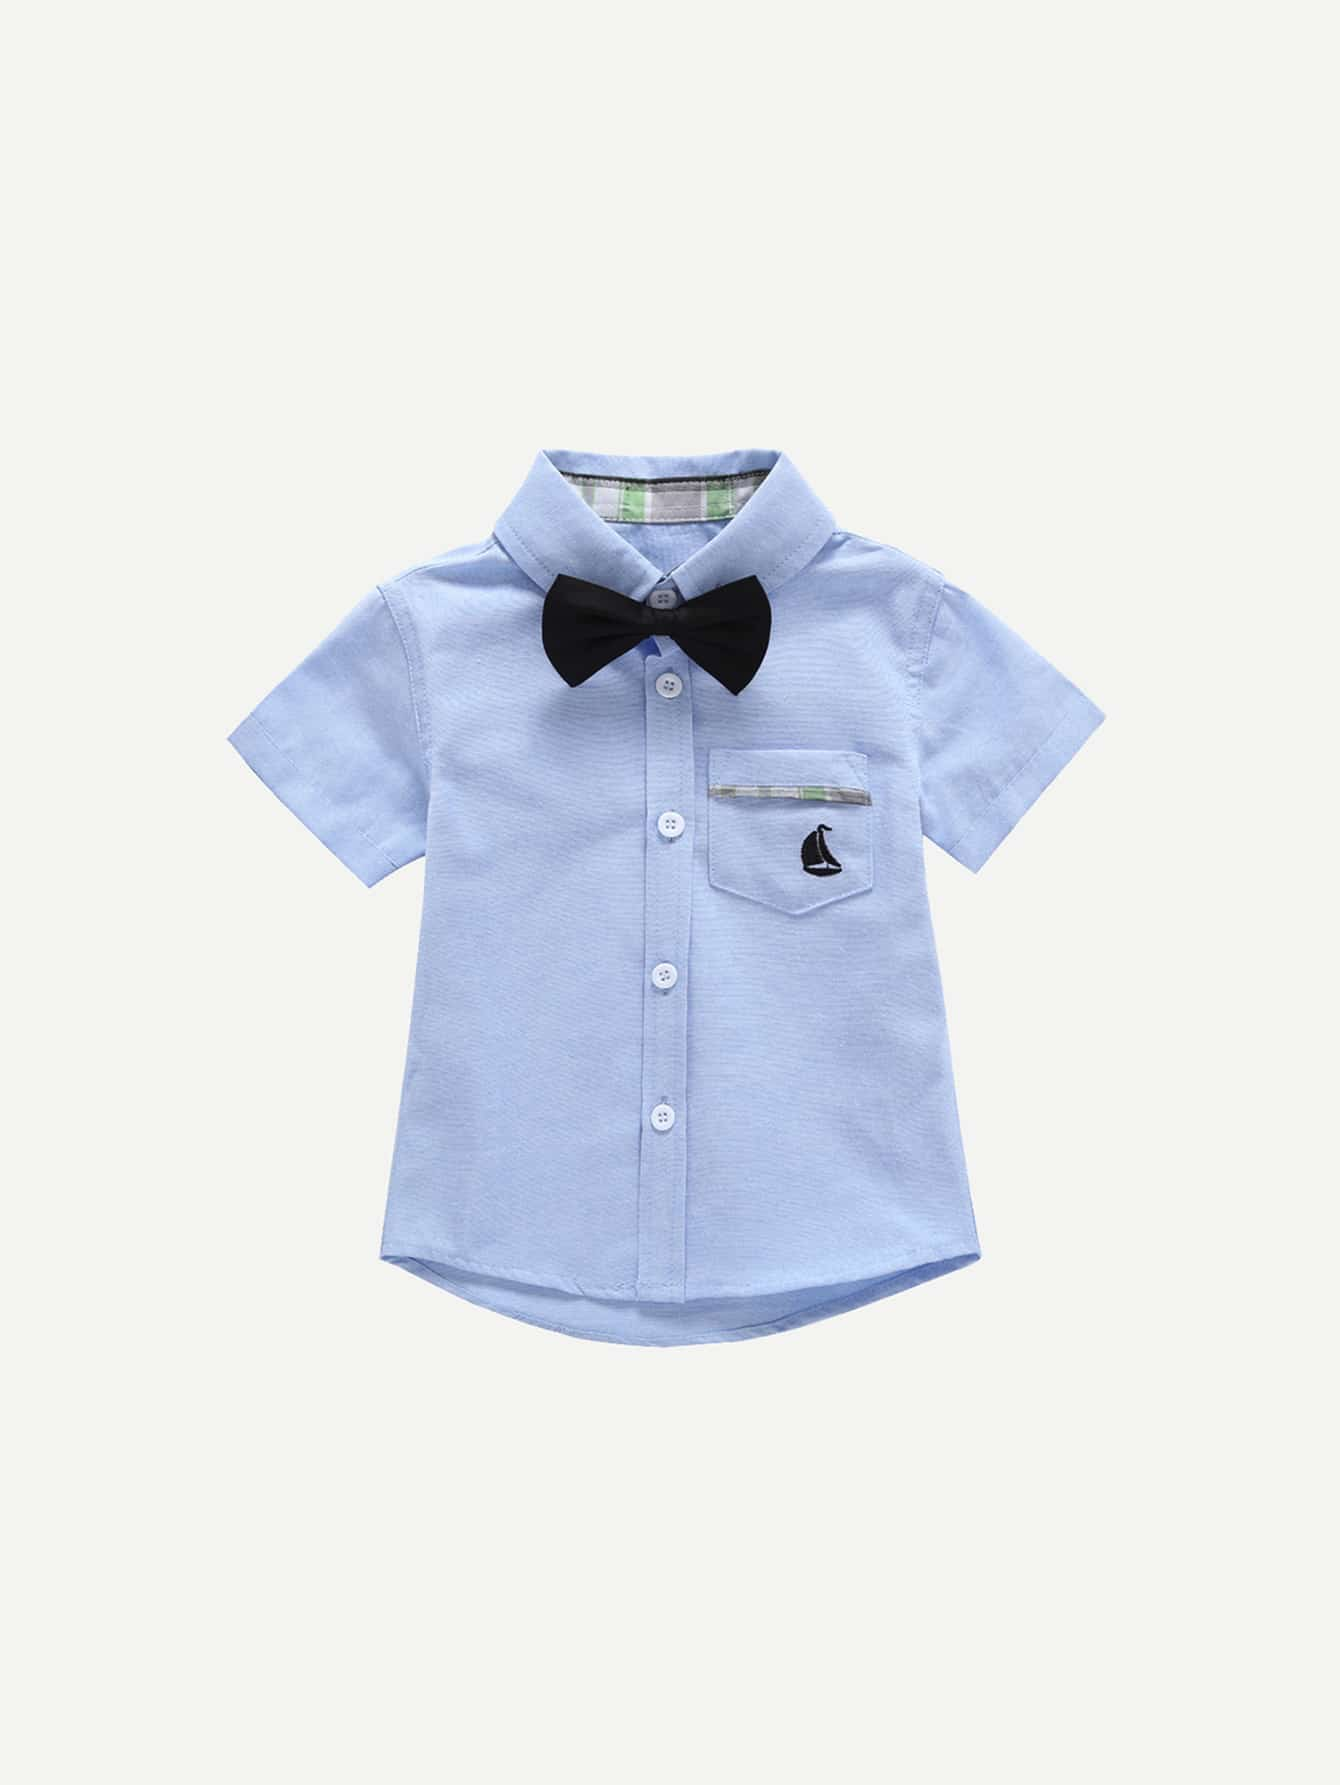 Купить Детская футболка с галстуком, null, SheIn